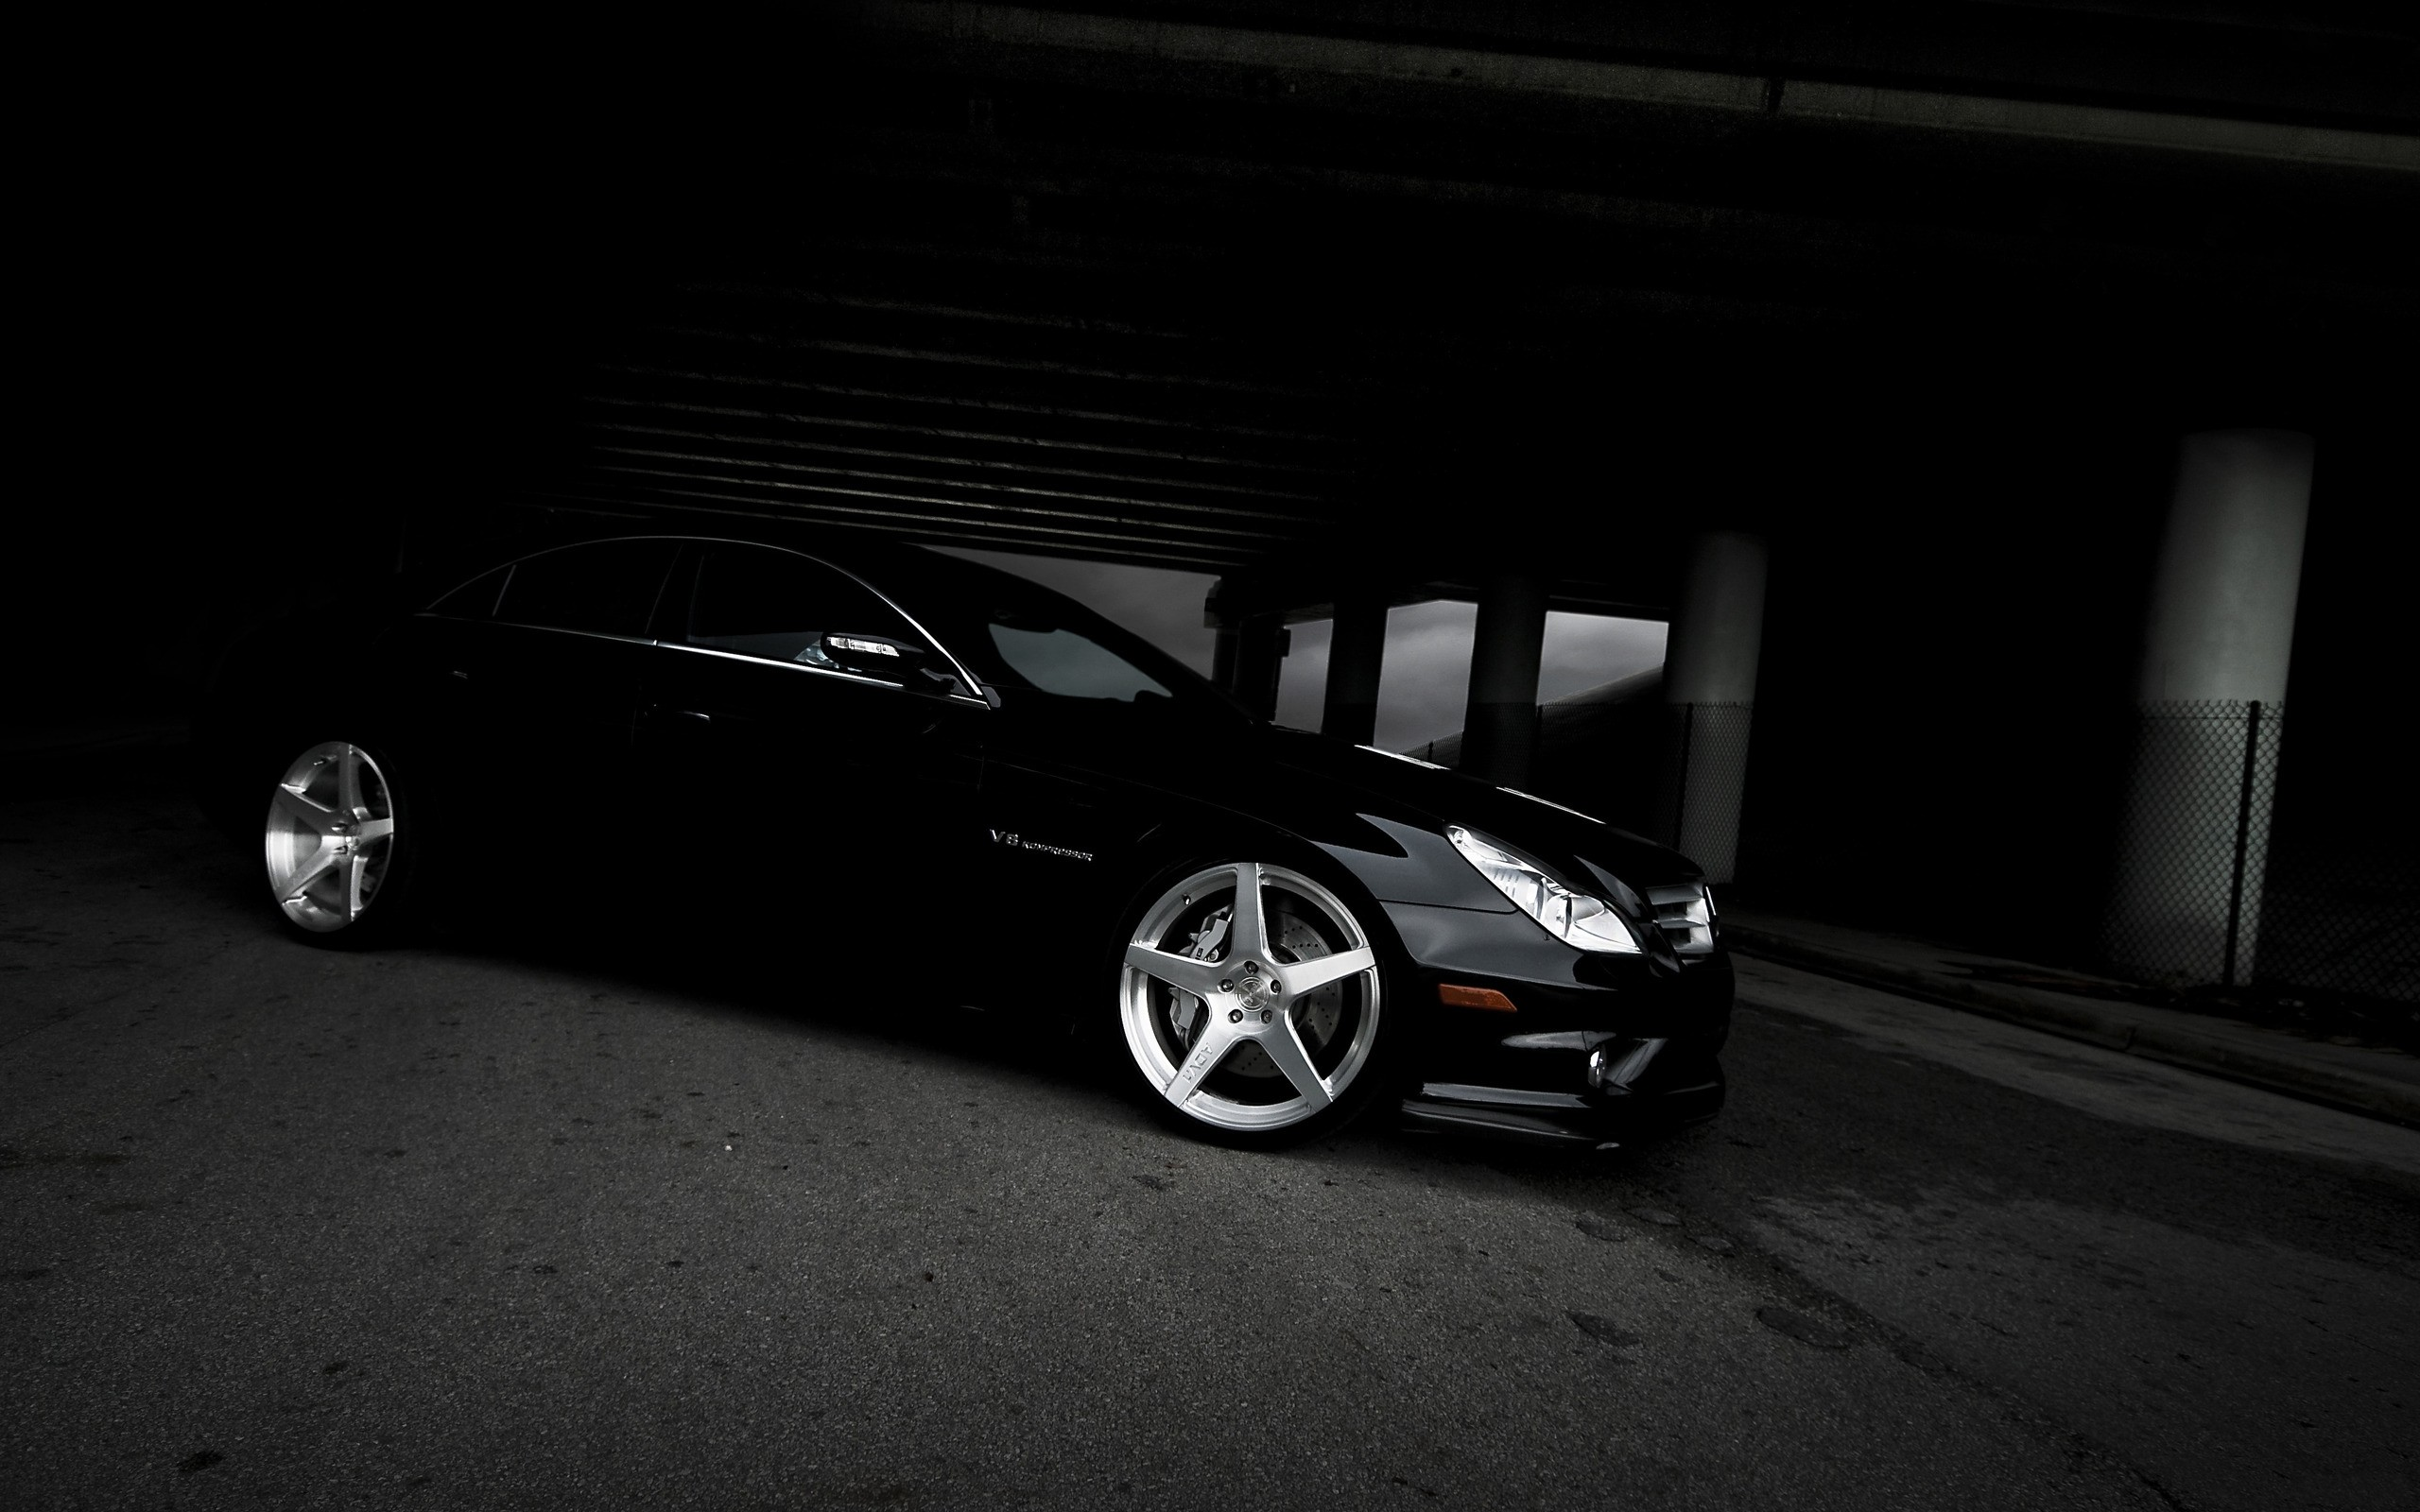 cars mercedes benz wallpaper 2560x1600 10425 wallpaperup - Mercedes Benz Logo Transparent Background